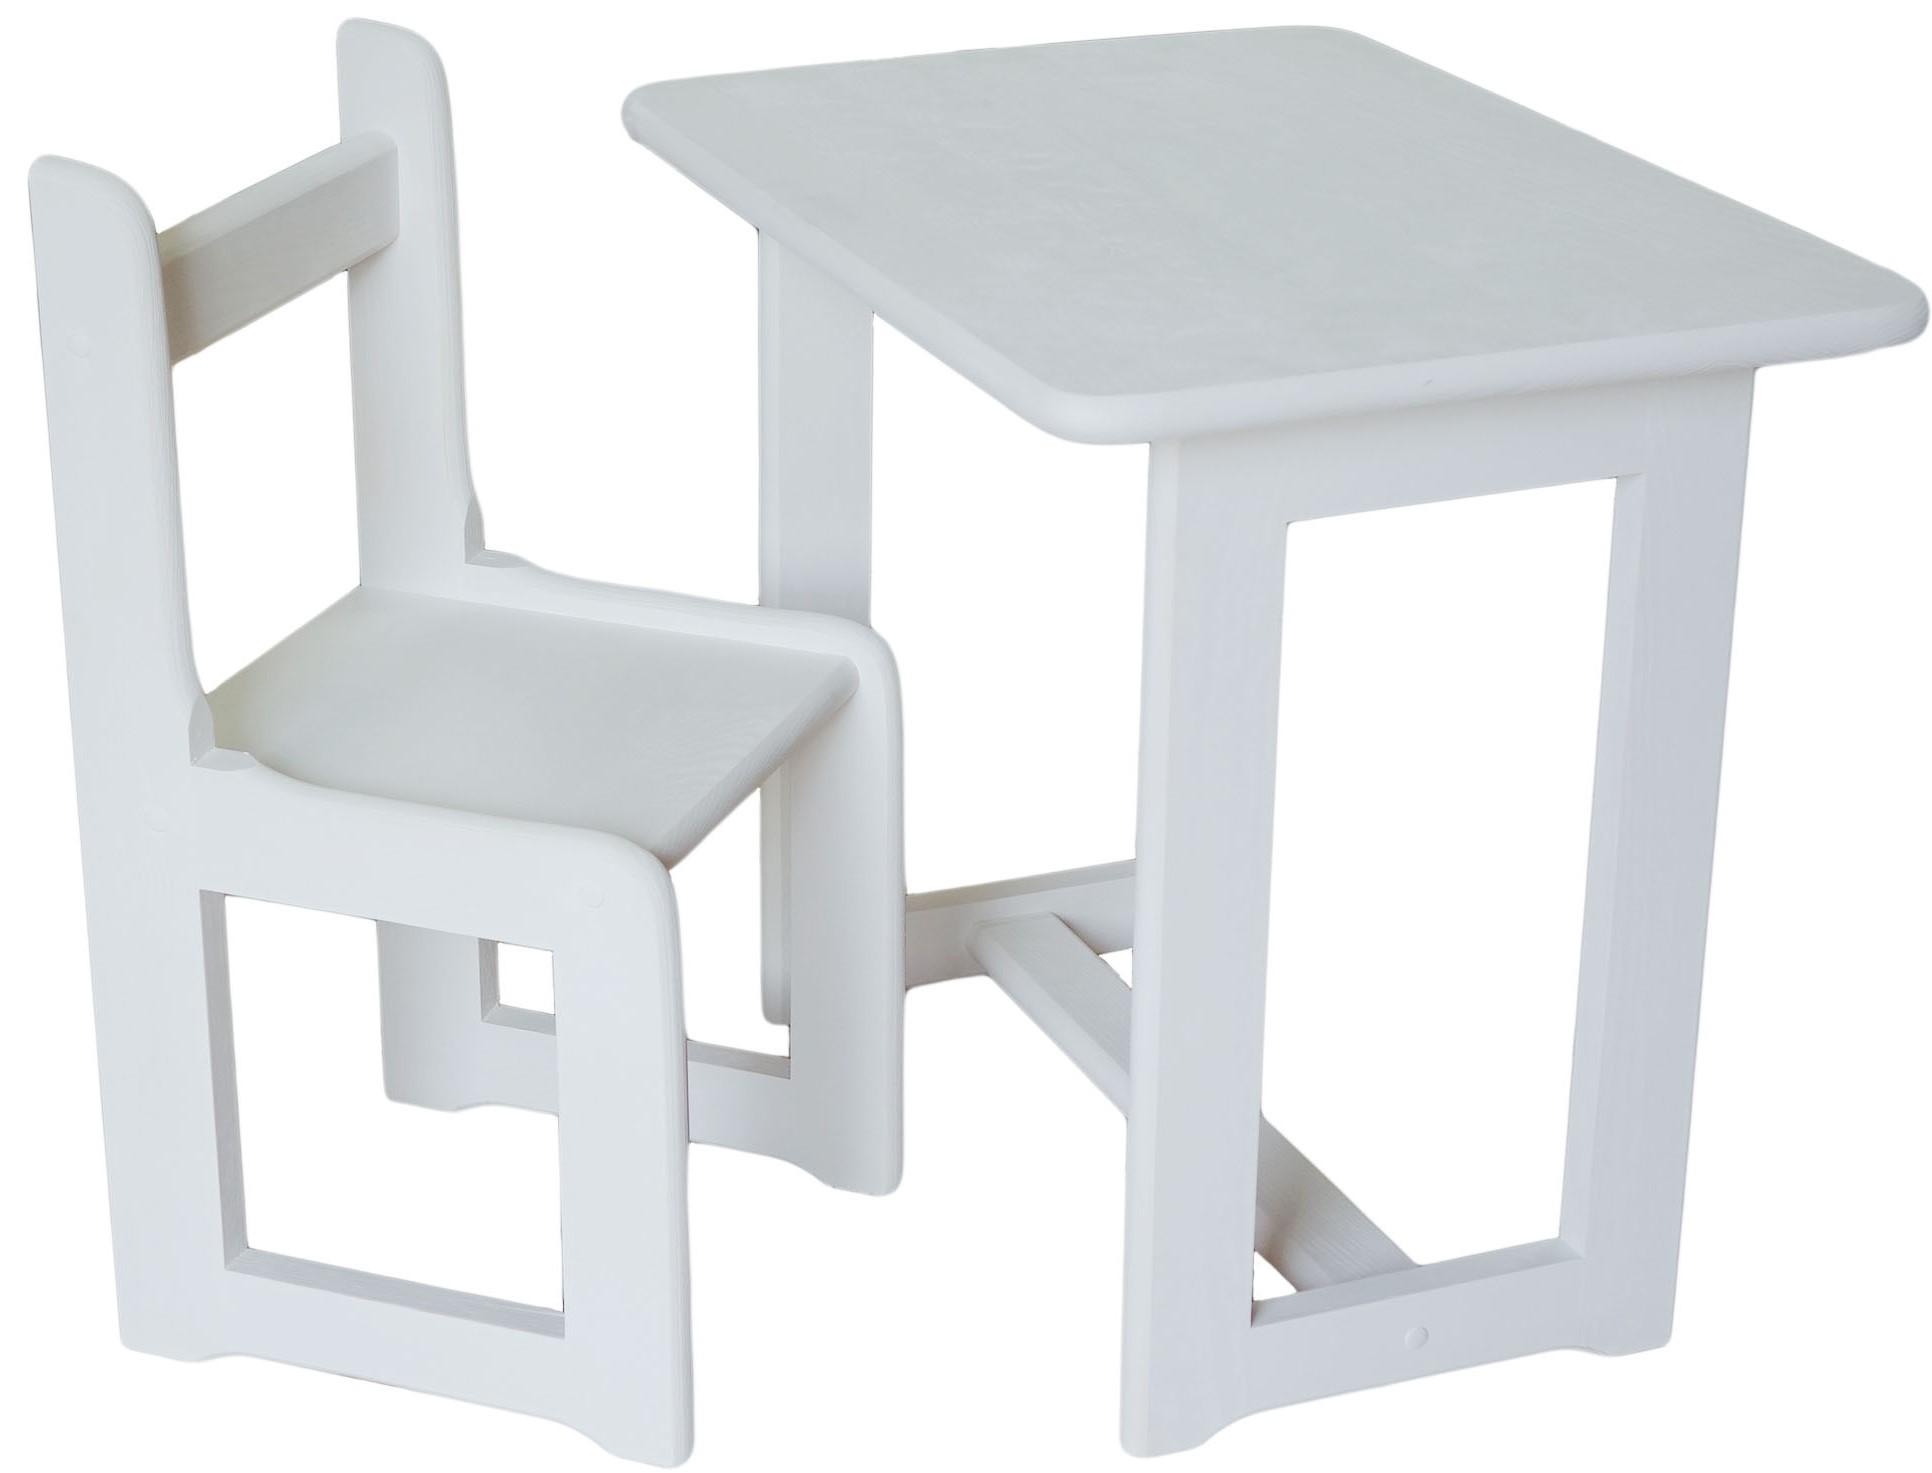 Krzesełkostolik Dla Dziecka Smyka Biały Całość